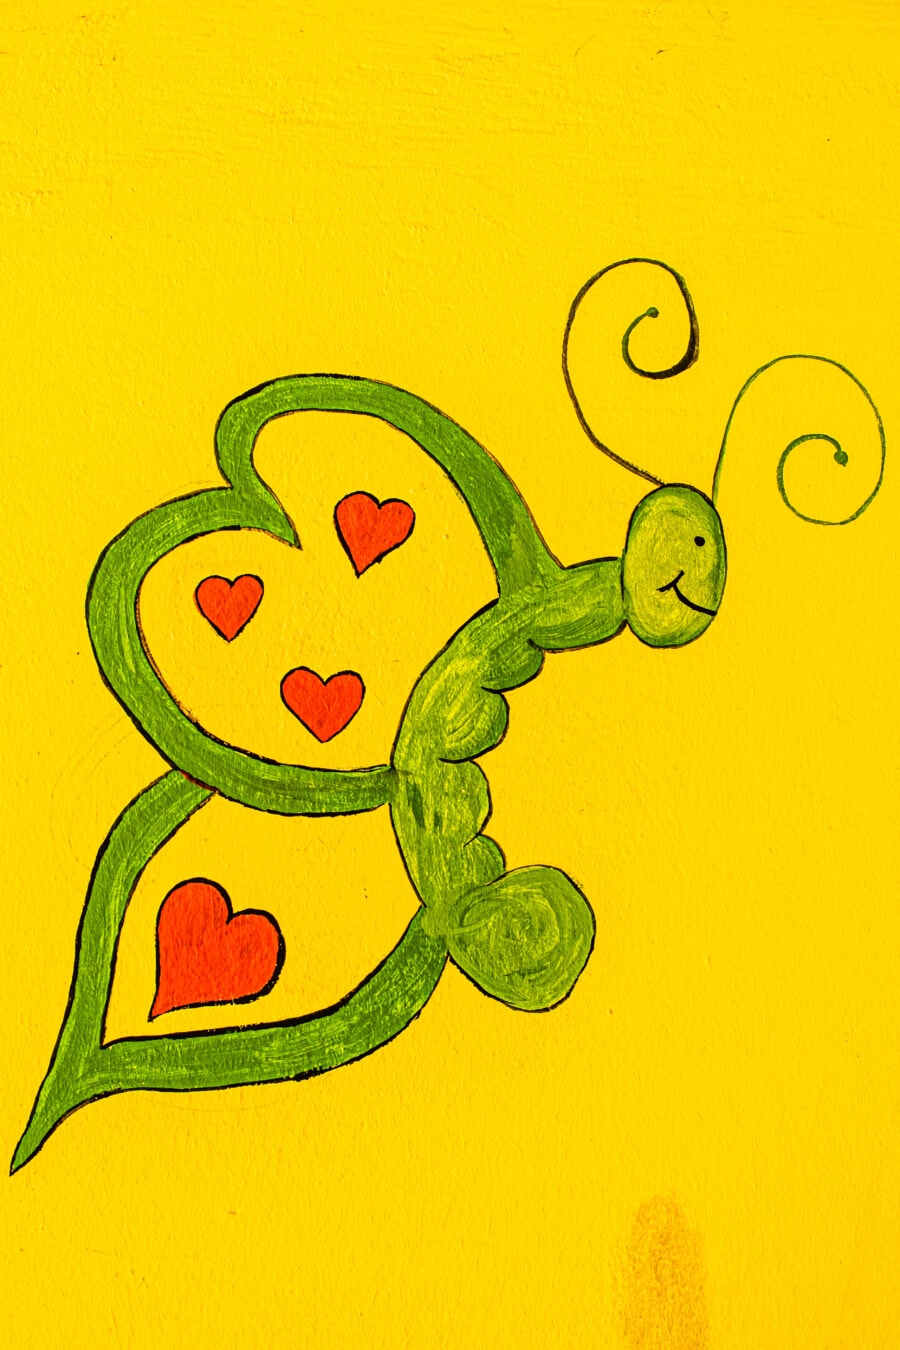 Graffiti, sommerfugl, gul grønn, skisse, kreativitet, hjerter, kunst, illustrasjon, design, farge